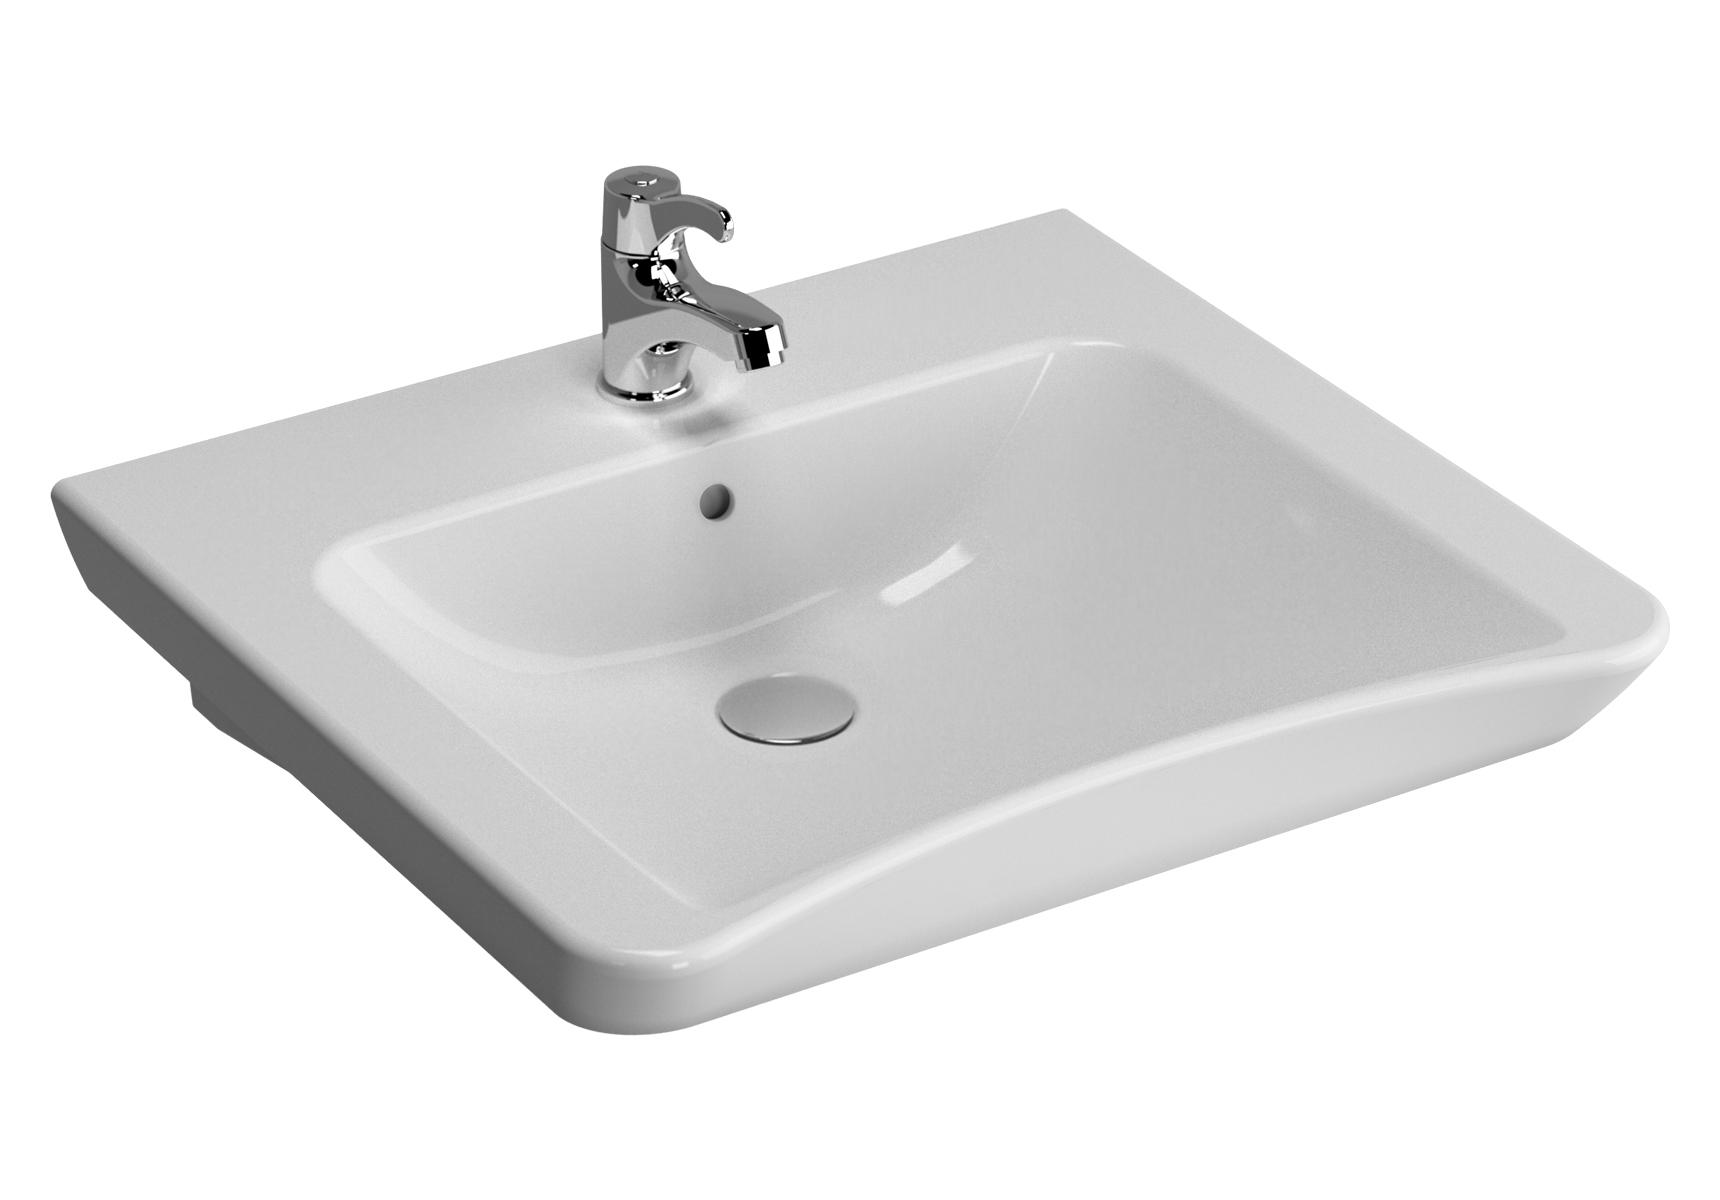 Conforma lavabo PMR, 60 cm, avec trou de robinet de robinet, avec trou de robinet de trop-plein